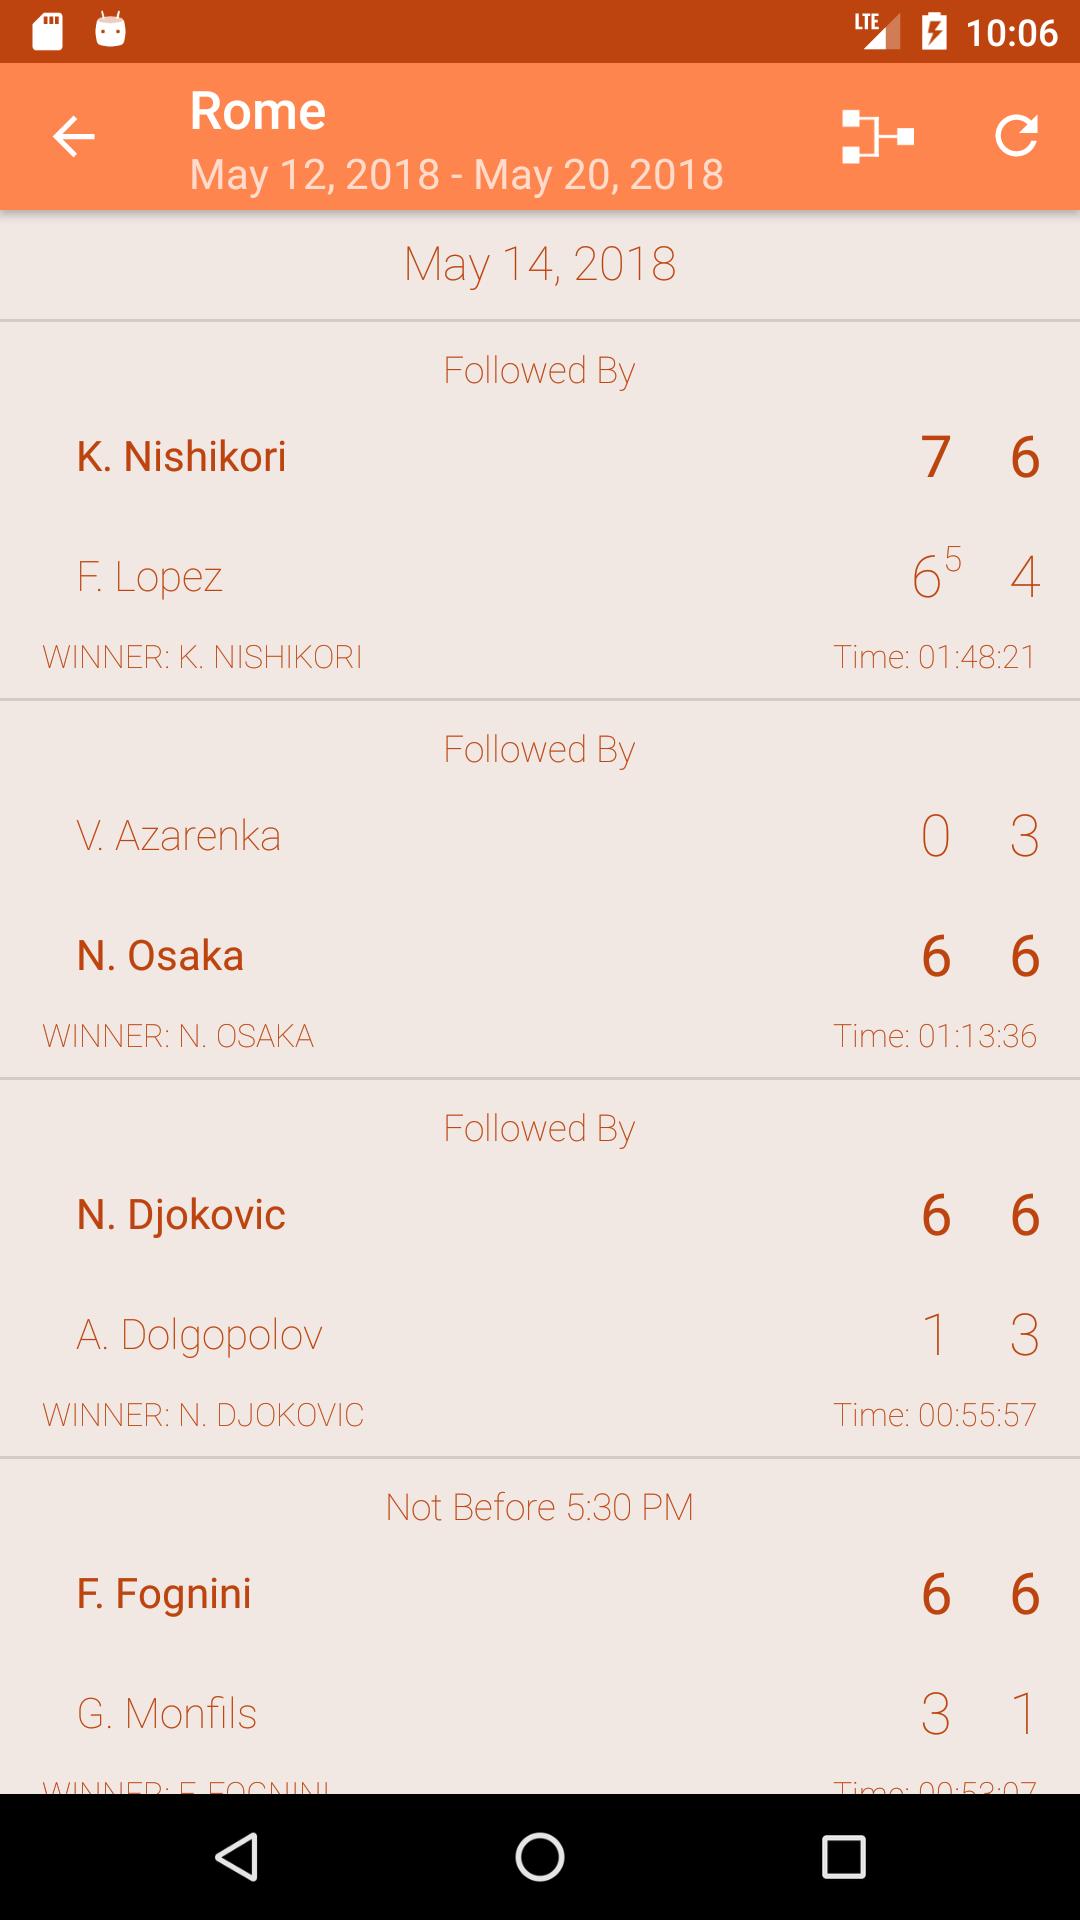 Deuce - Android Tennis Live Scores App